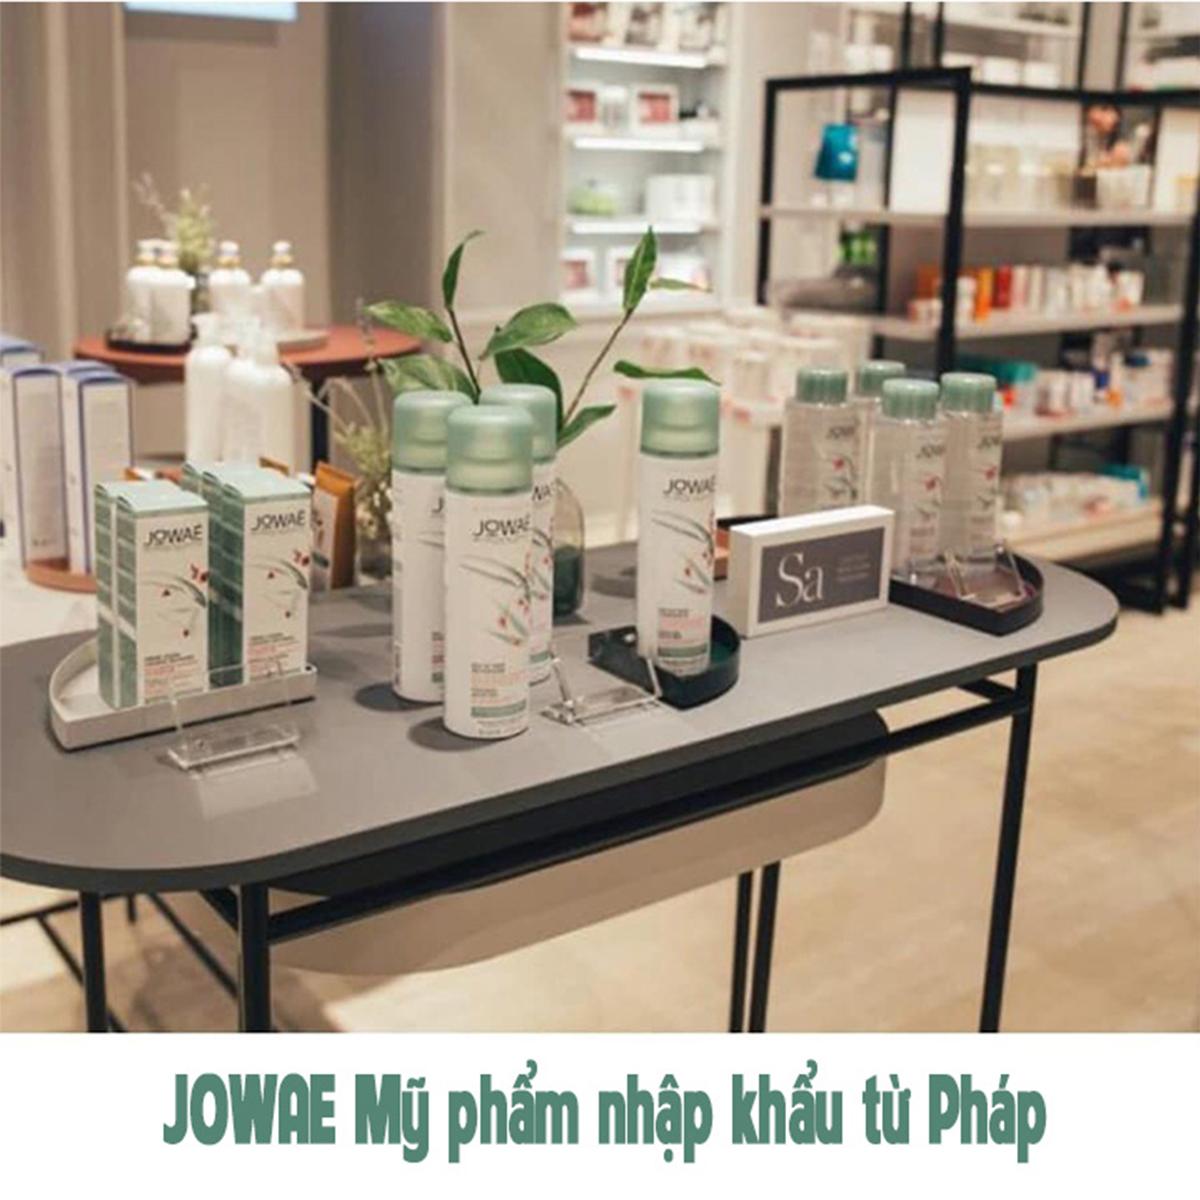 Sữa rửa mặt tẩy trang dạng bọt JOWAE kết cấu bọt mịn dung tích 150ml Mỹ phẩm thiên nhiên nhập khẩu Pháp - MICELLAR FOAMING CLEANER